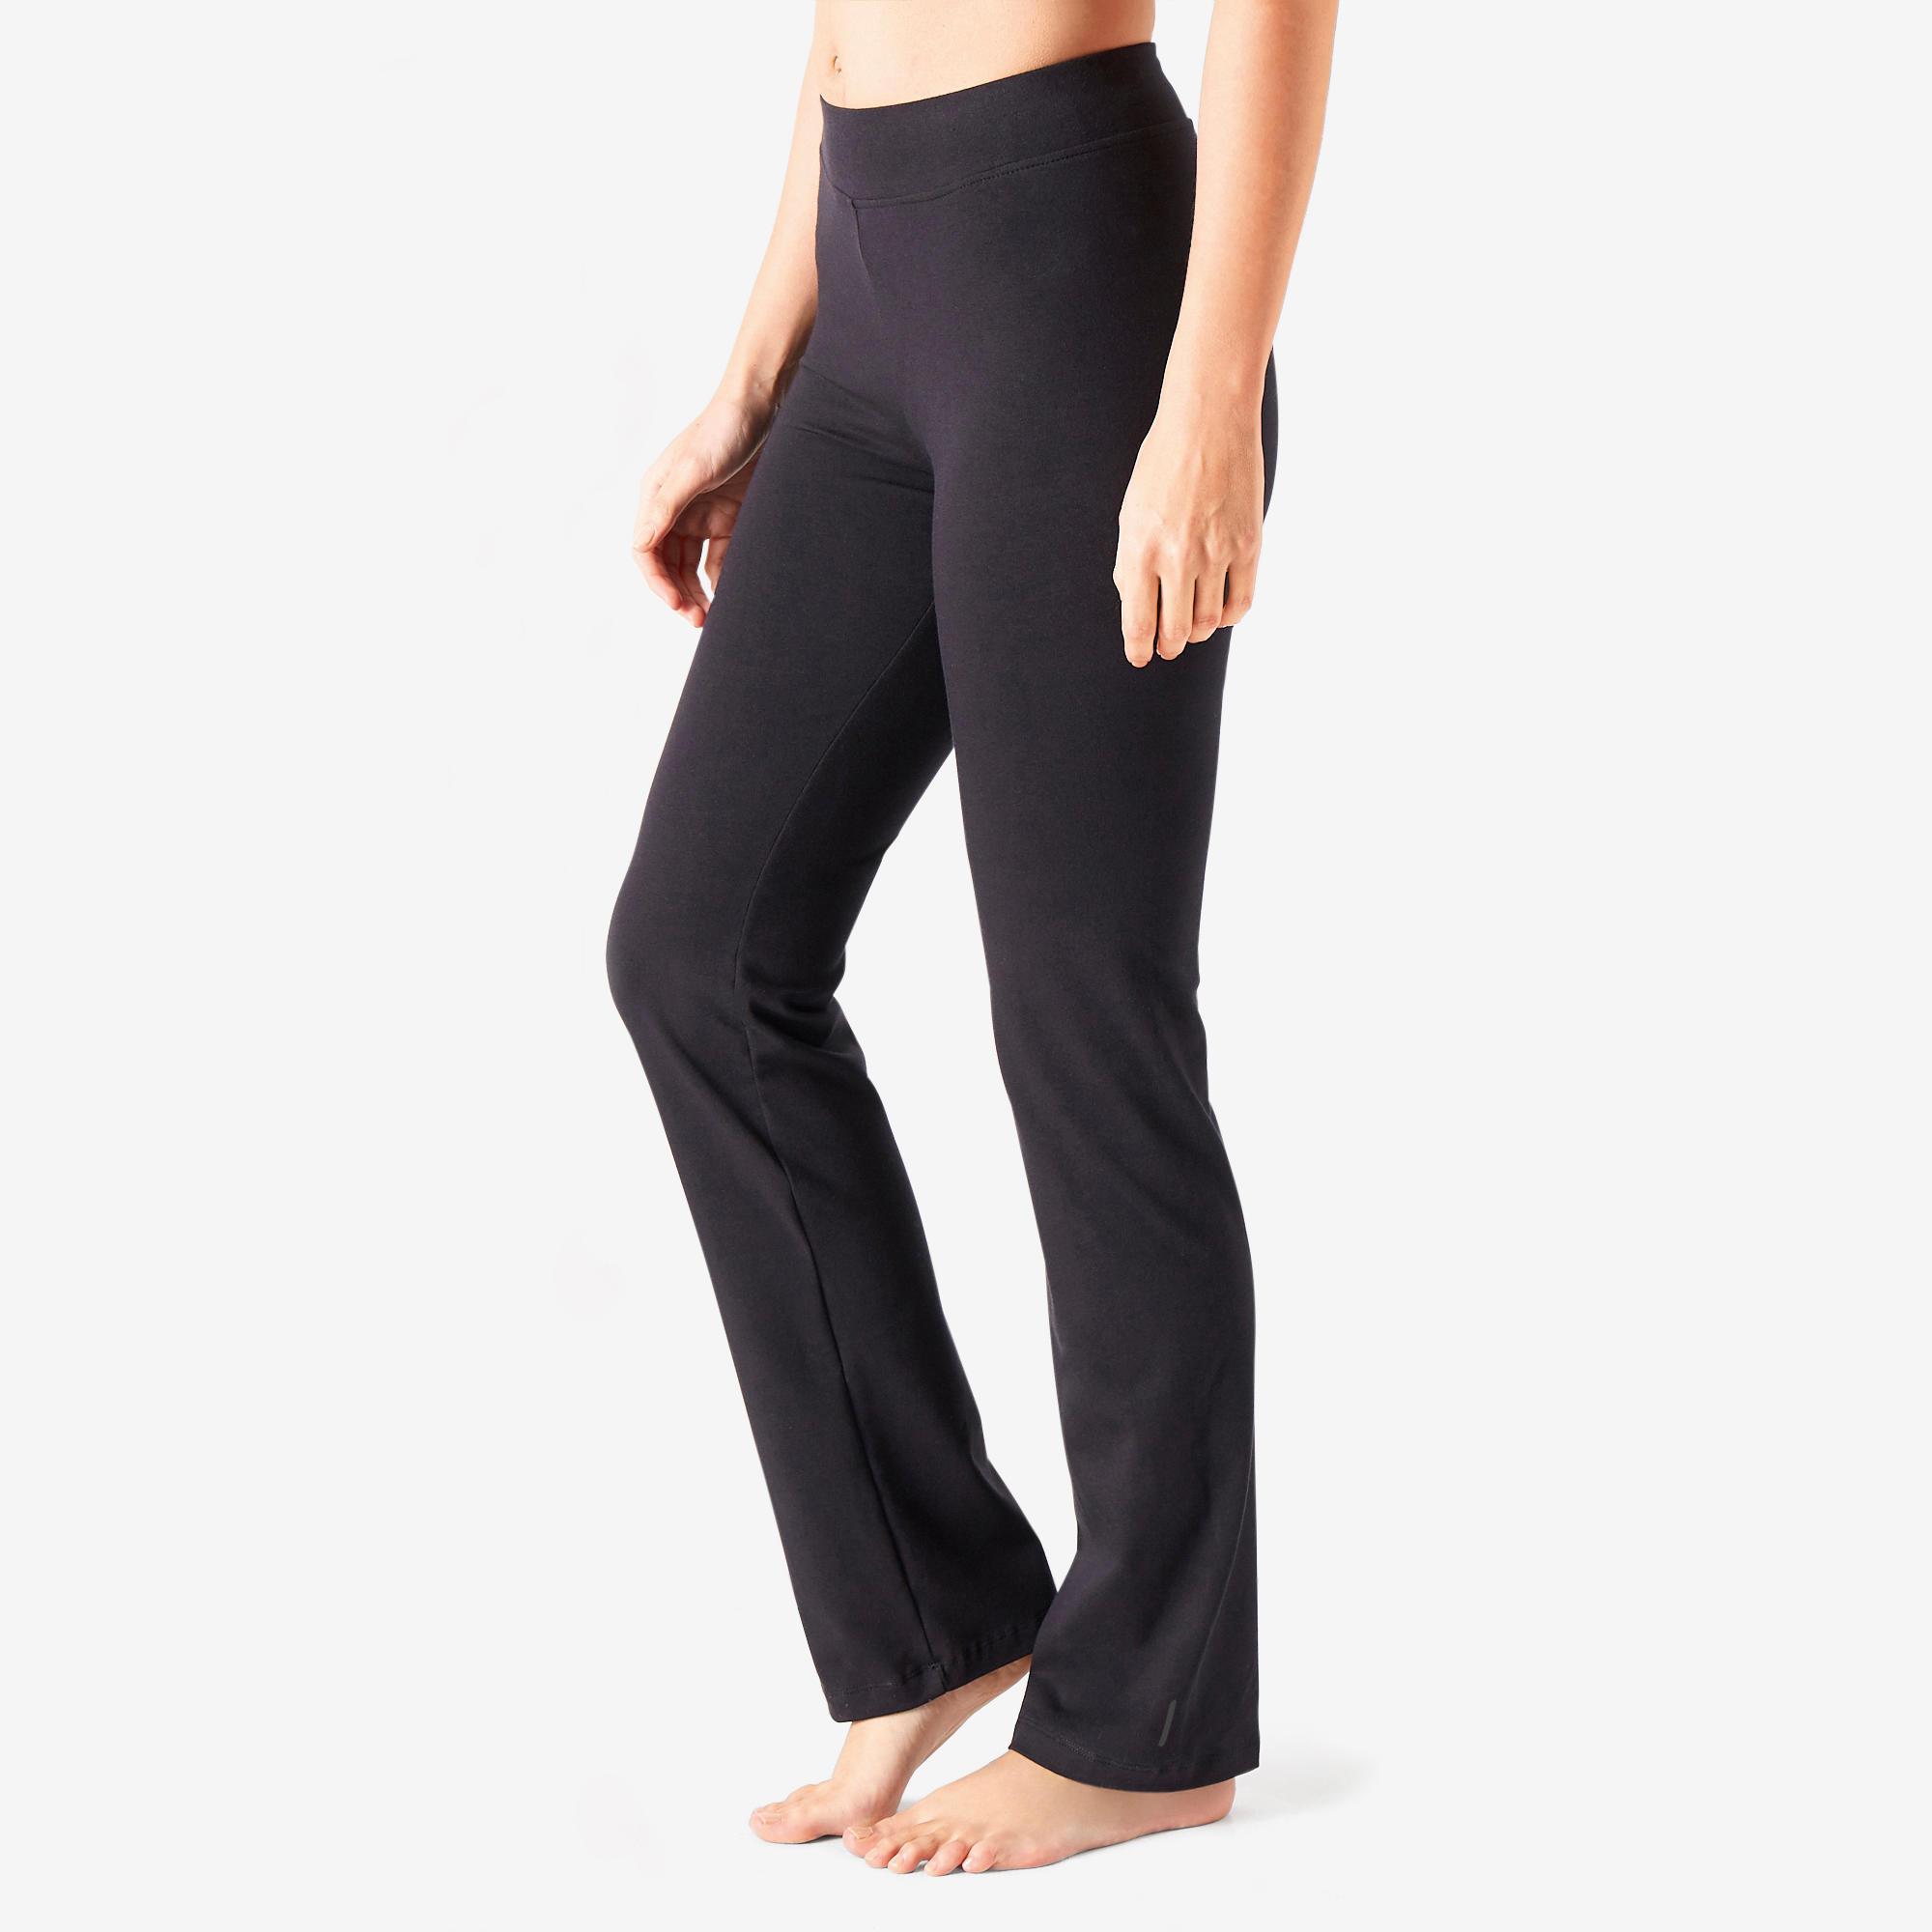 Leggings Fitness Baumwolle gerader Schnitt Fit+ Damen schwarz